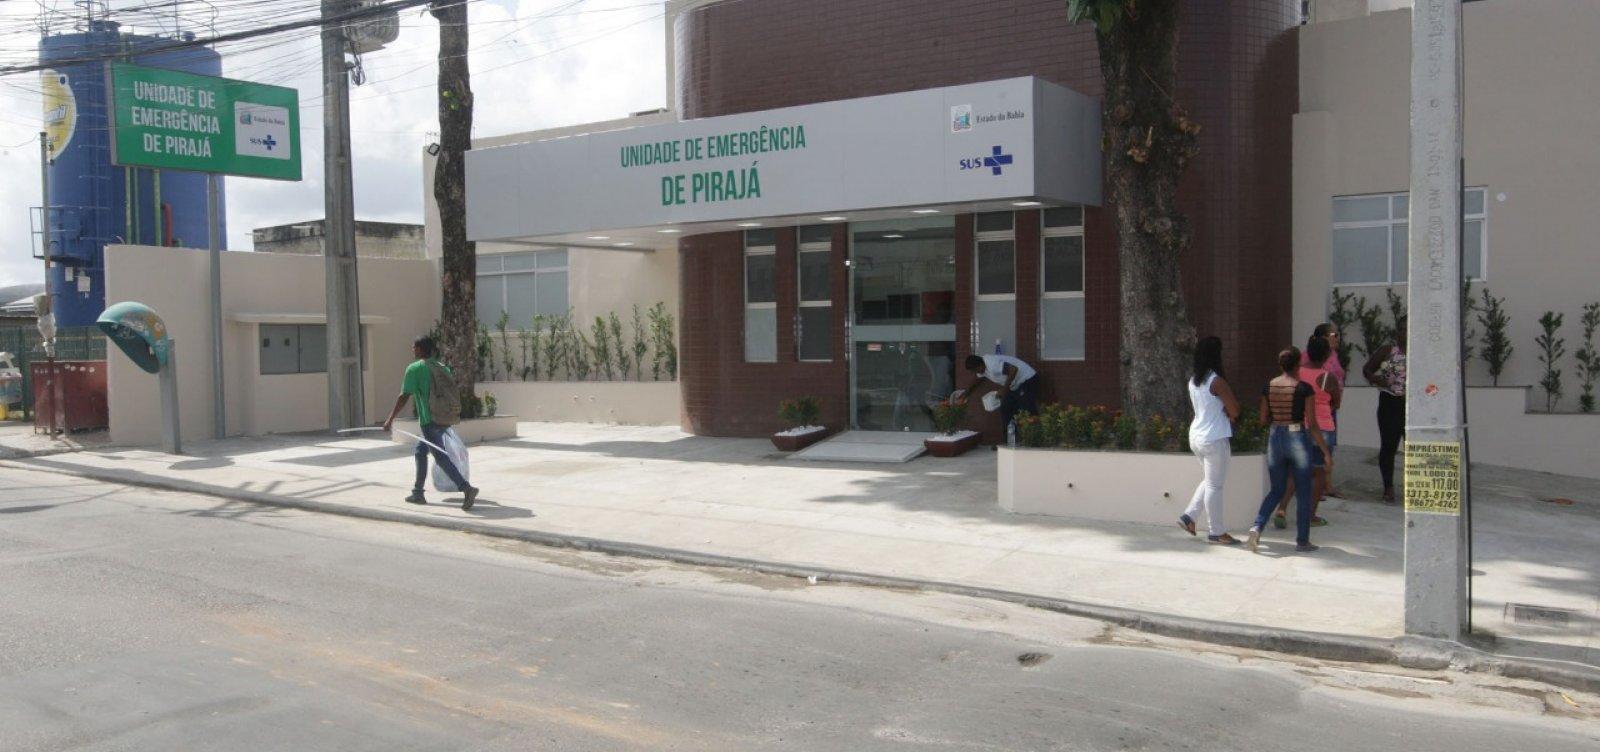 Governo reinaugura Unidade de Emergência no bairro de Pirajá